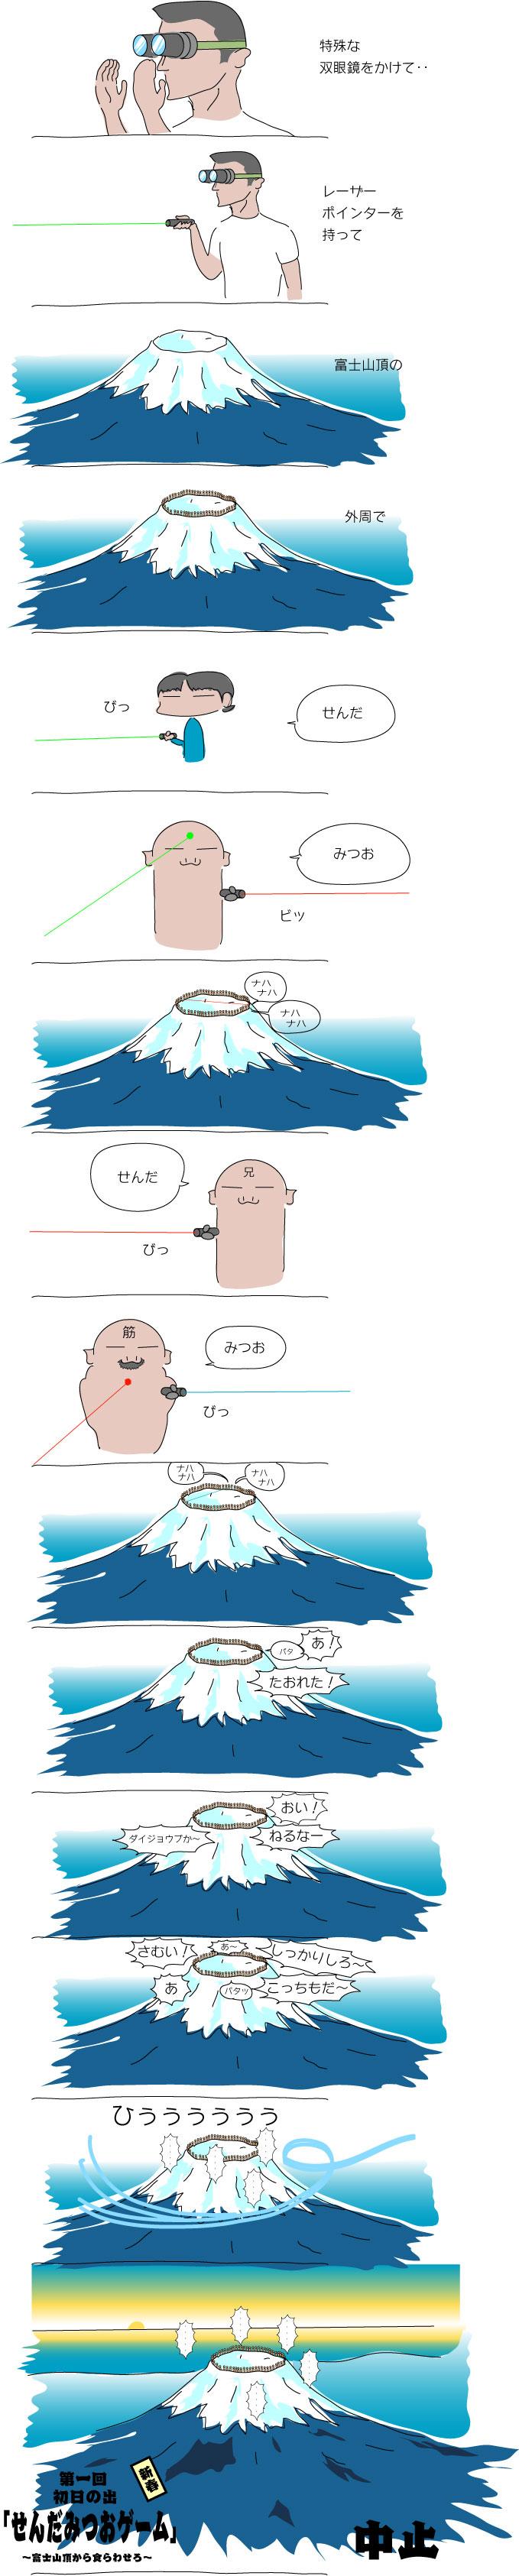 富士山頂せんだみつお